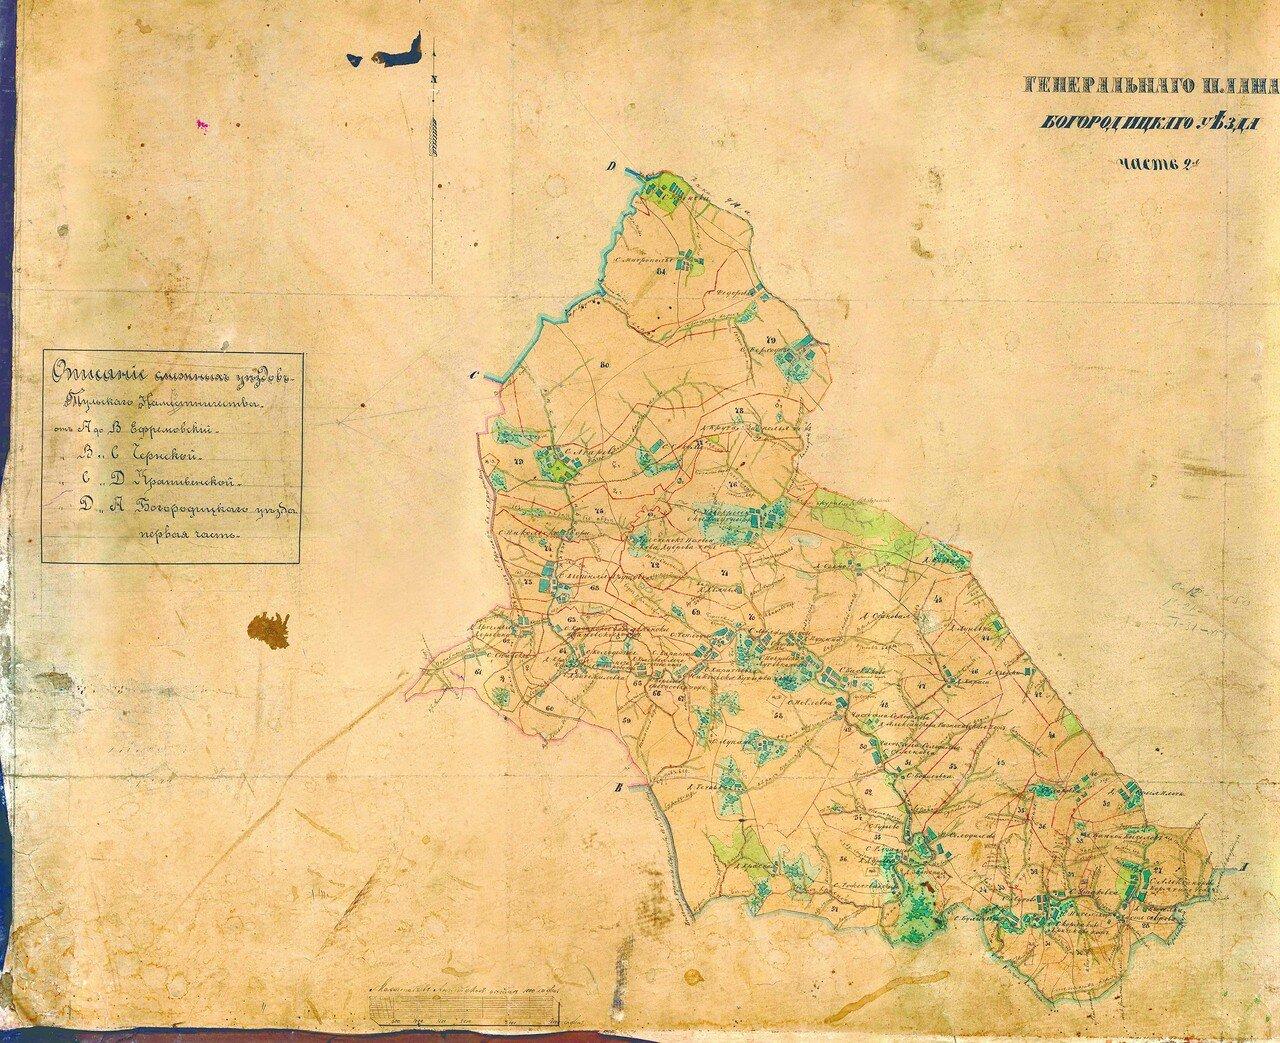 06. Богородицкий уезд